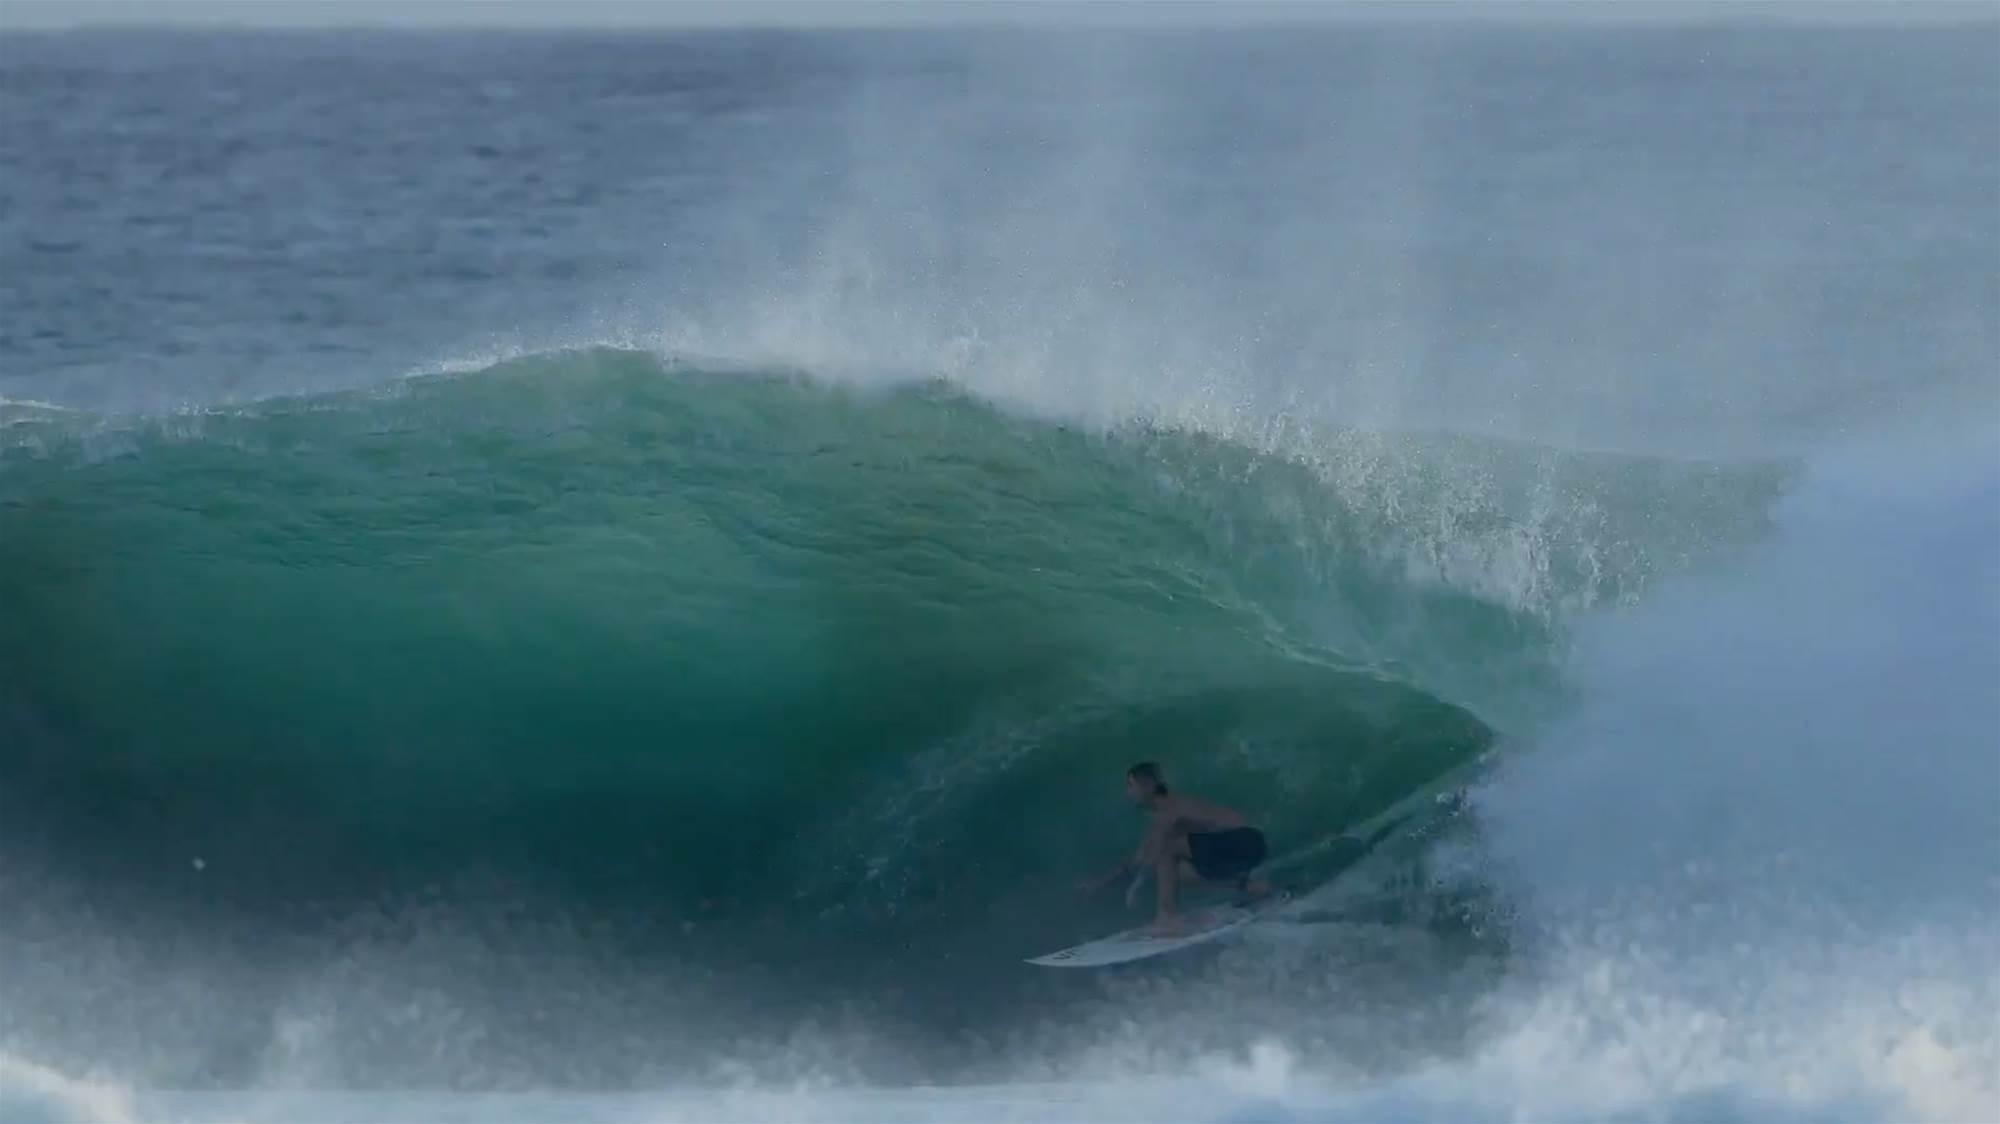 McKenzie Bowden Describes His Wave at Kirra That Went Viral